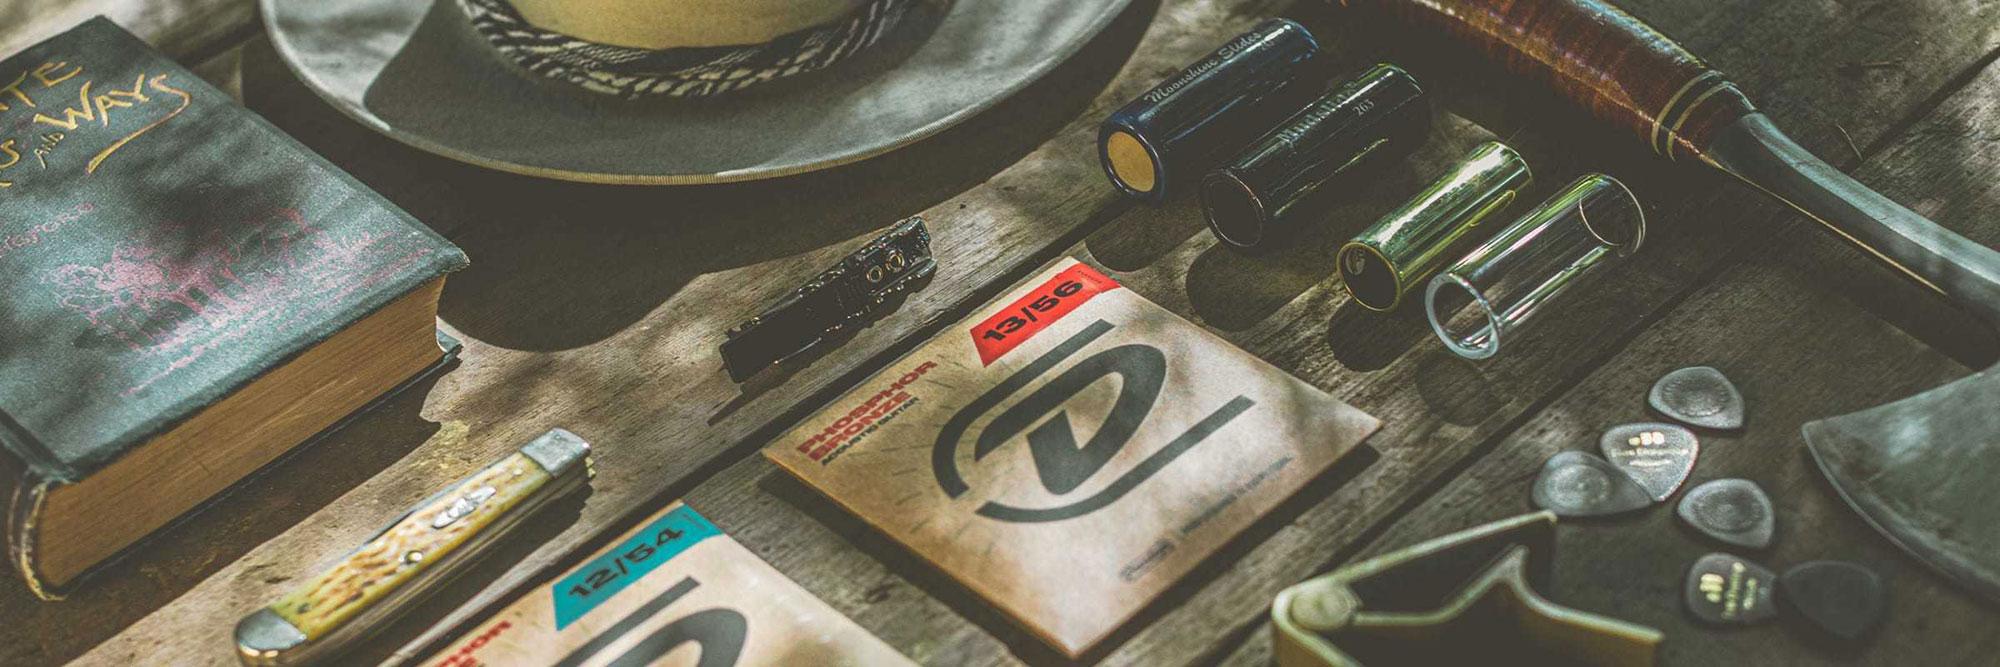 Dunlop Gitaaraccessoires